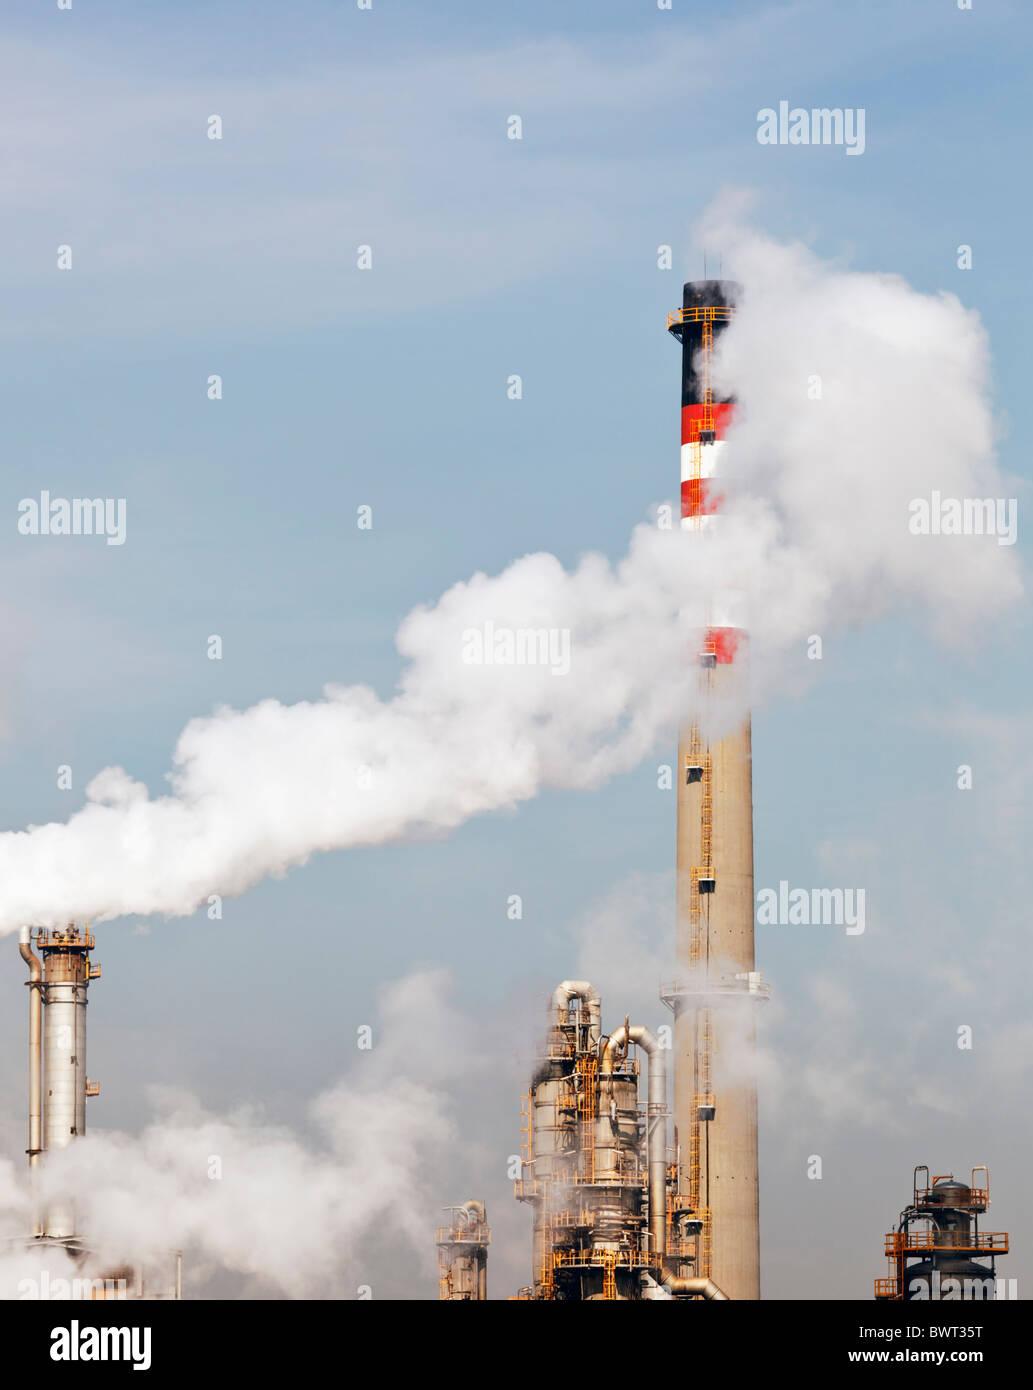 La contaminación proveniente de la planta petroquímica cerca de Guadarranque, provincia de Cádiz, Imagen De Stock